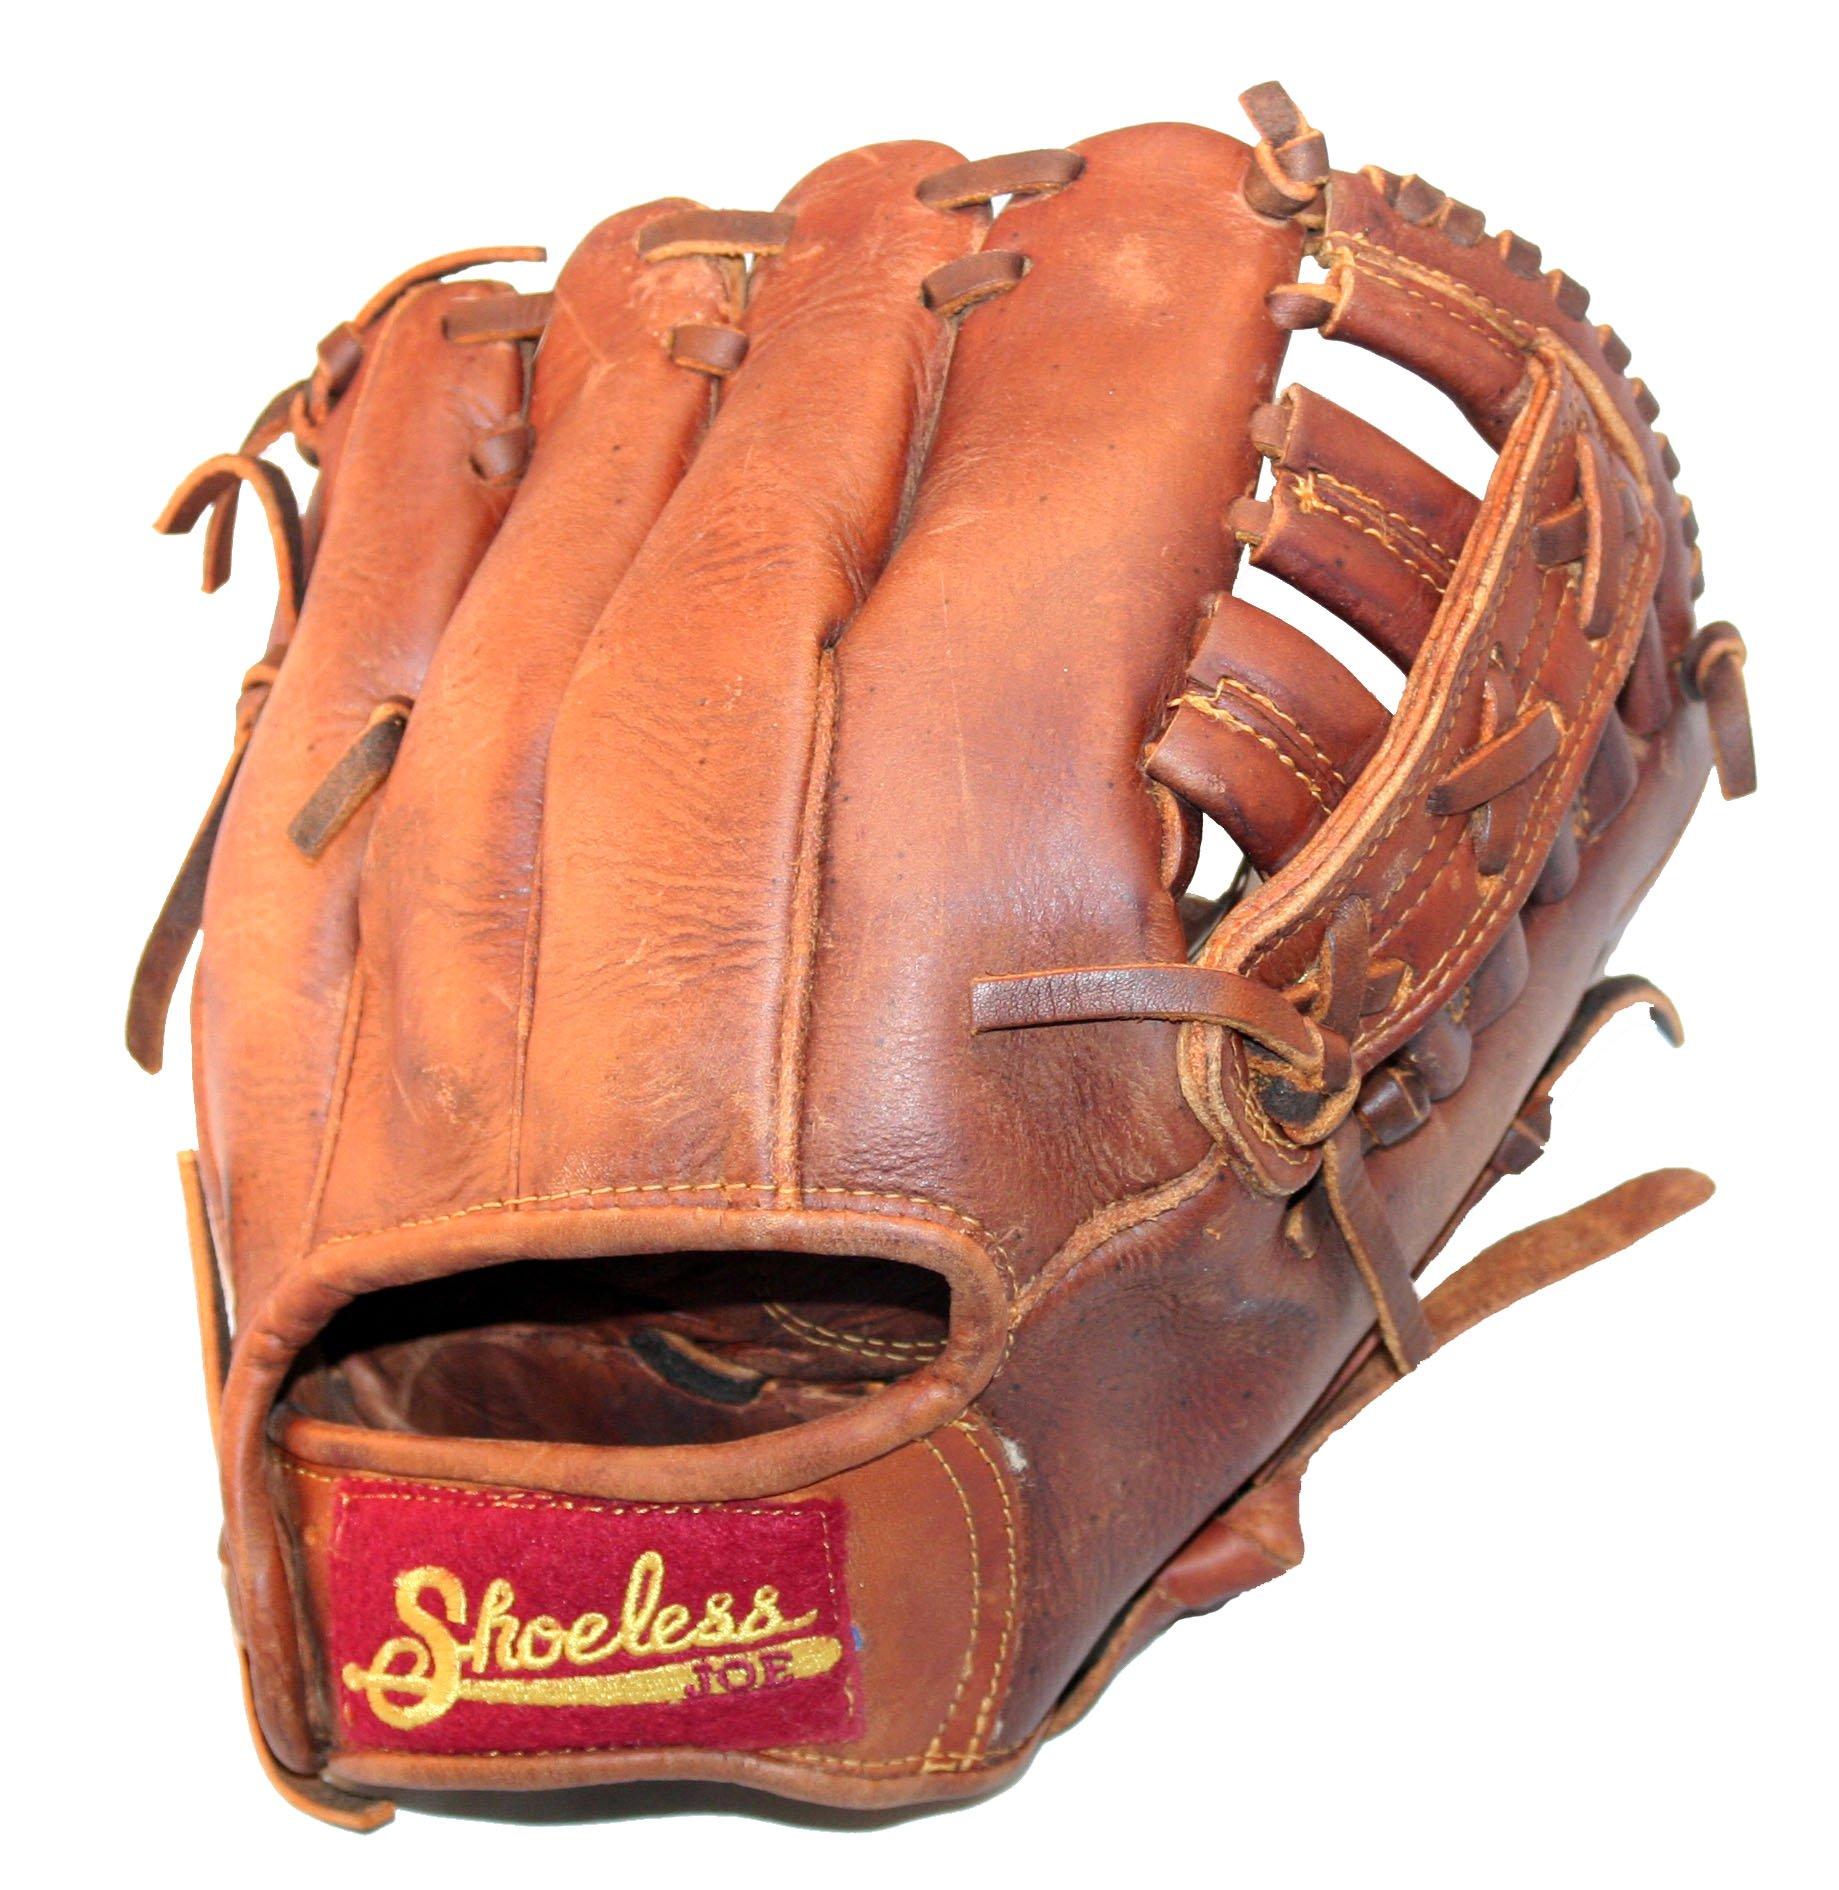 Shoeless Joe 100% Leather Baseball Gloves (9'', Left Hand Throw)